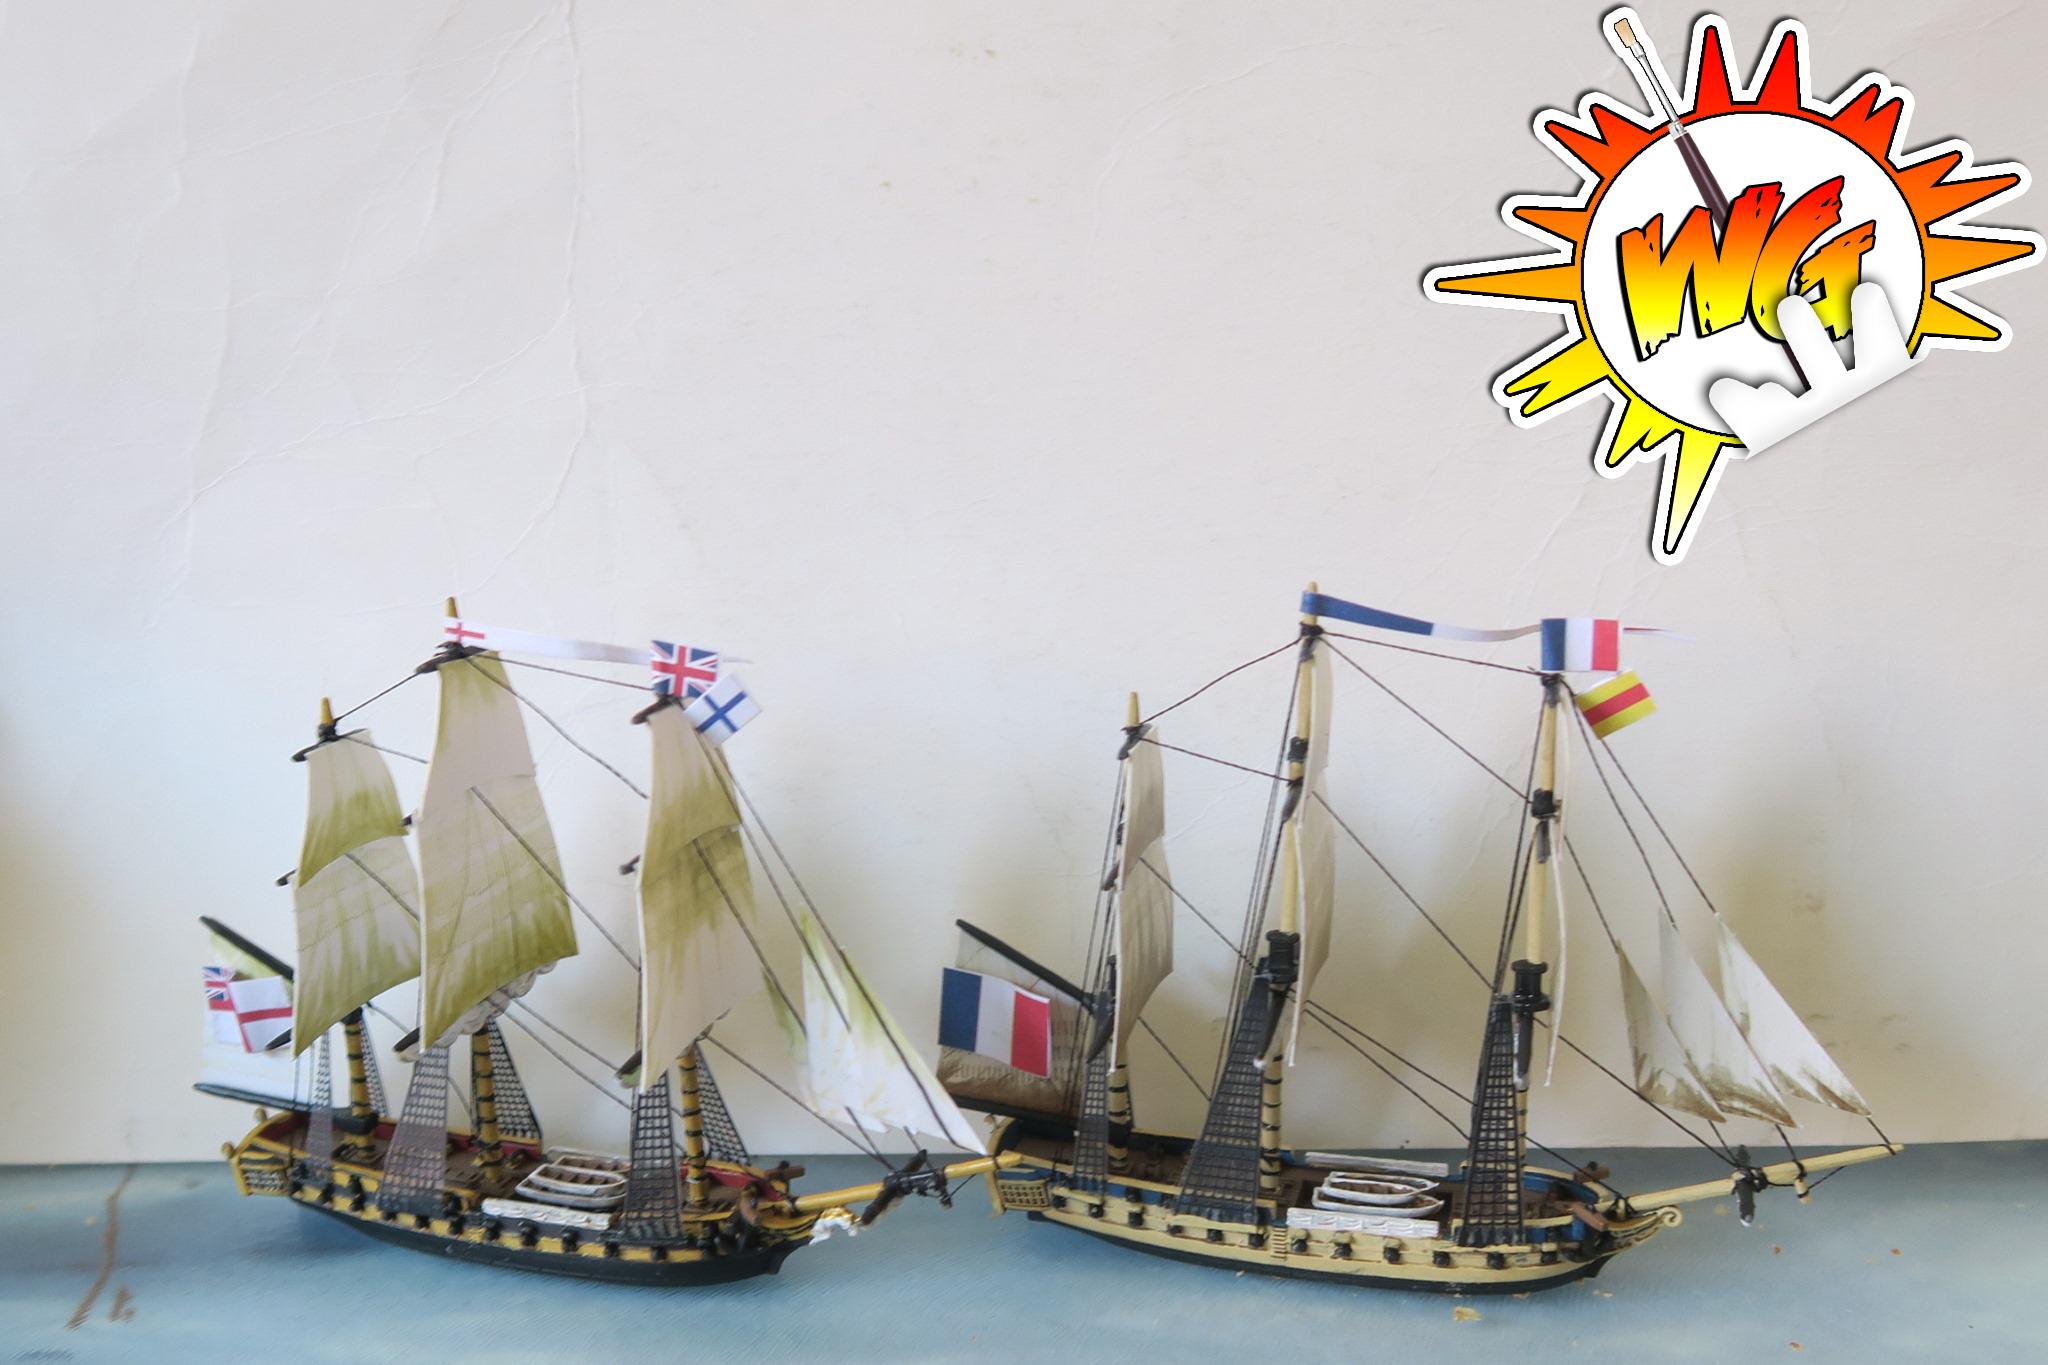 Marc Sivyour's Black Seas Fleet